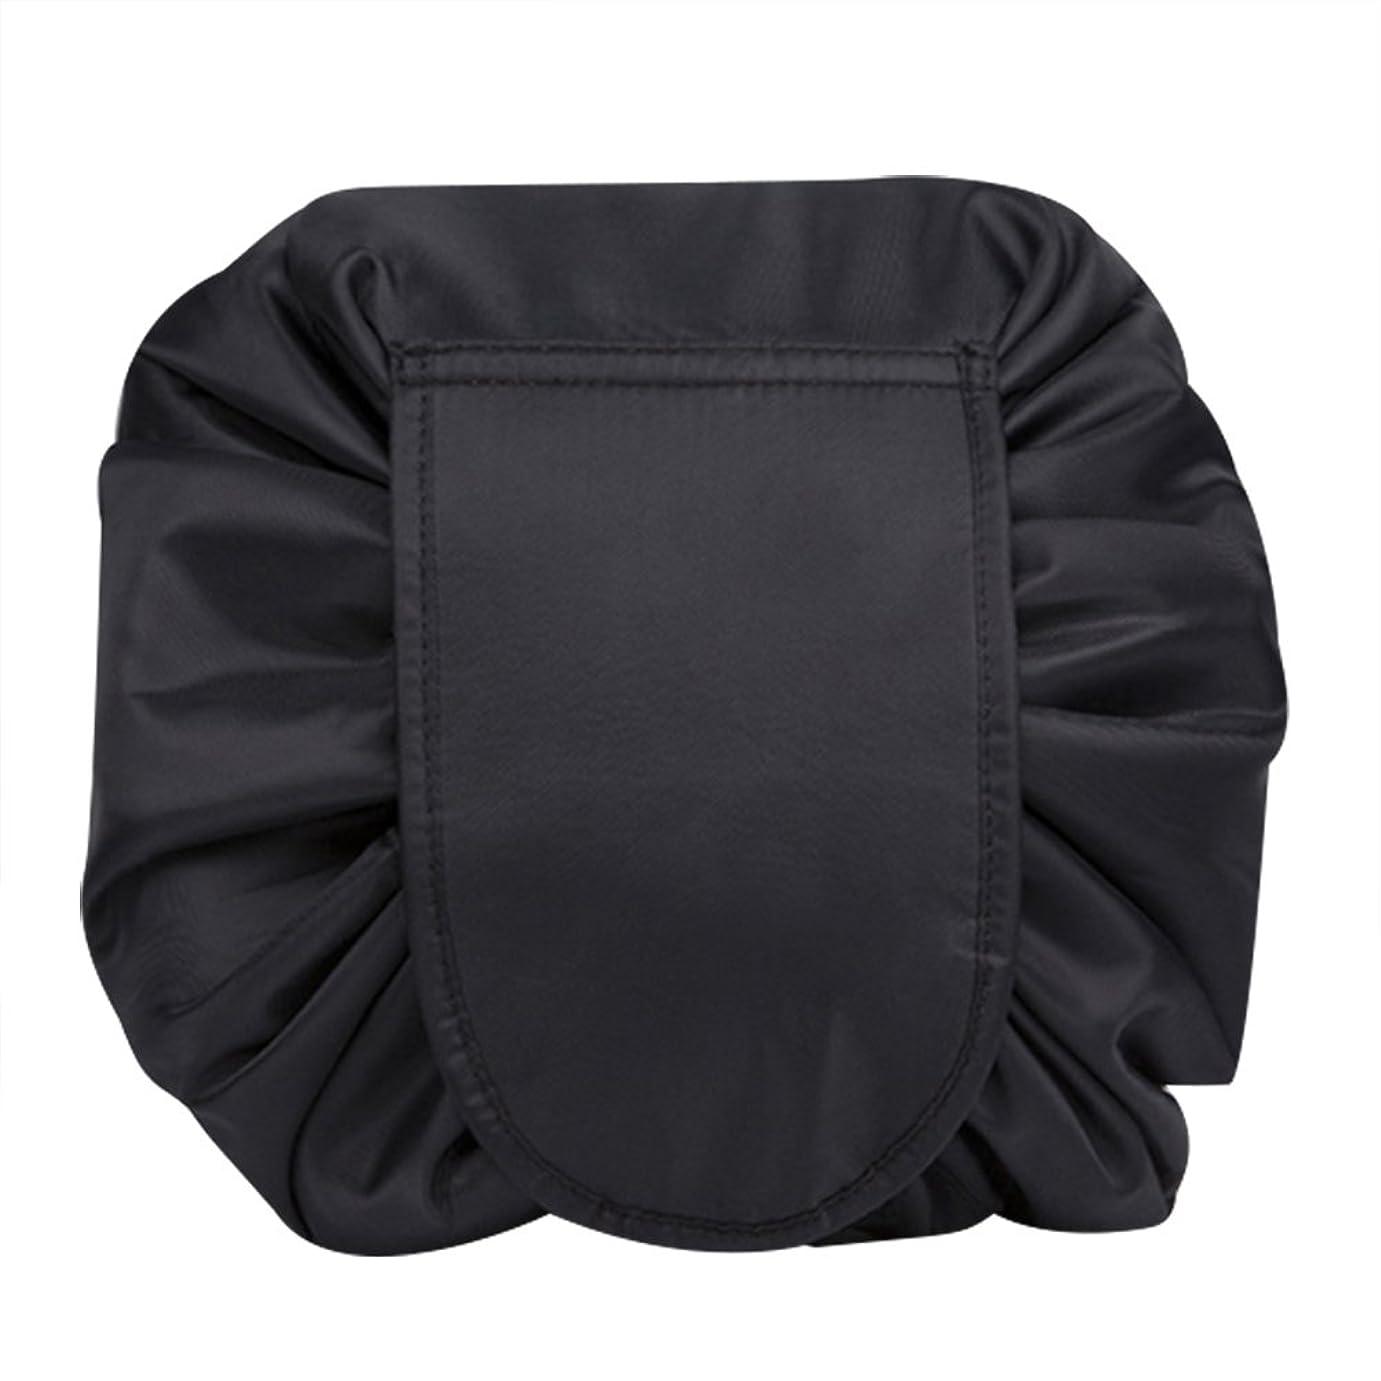 シーボード霊スリップマジックポーチ 化粧バッグ 化粧ポーチ レイジー化粧バッグ トラベルバッグ メイクバッグ 容量大きい ブラック